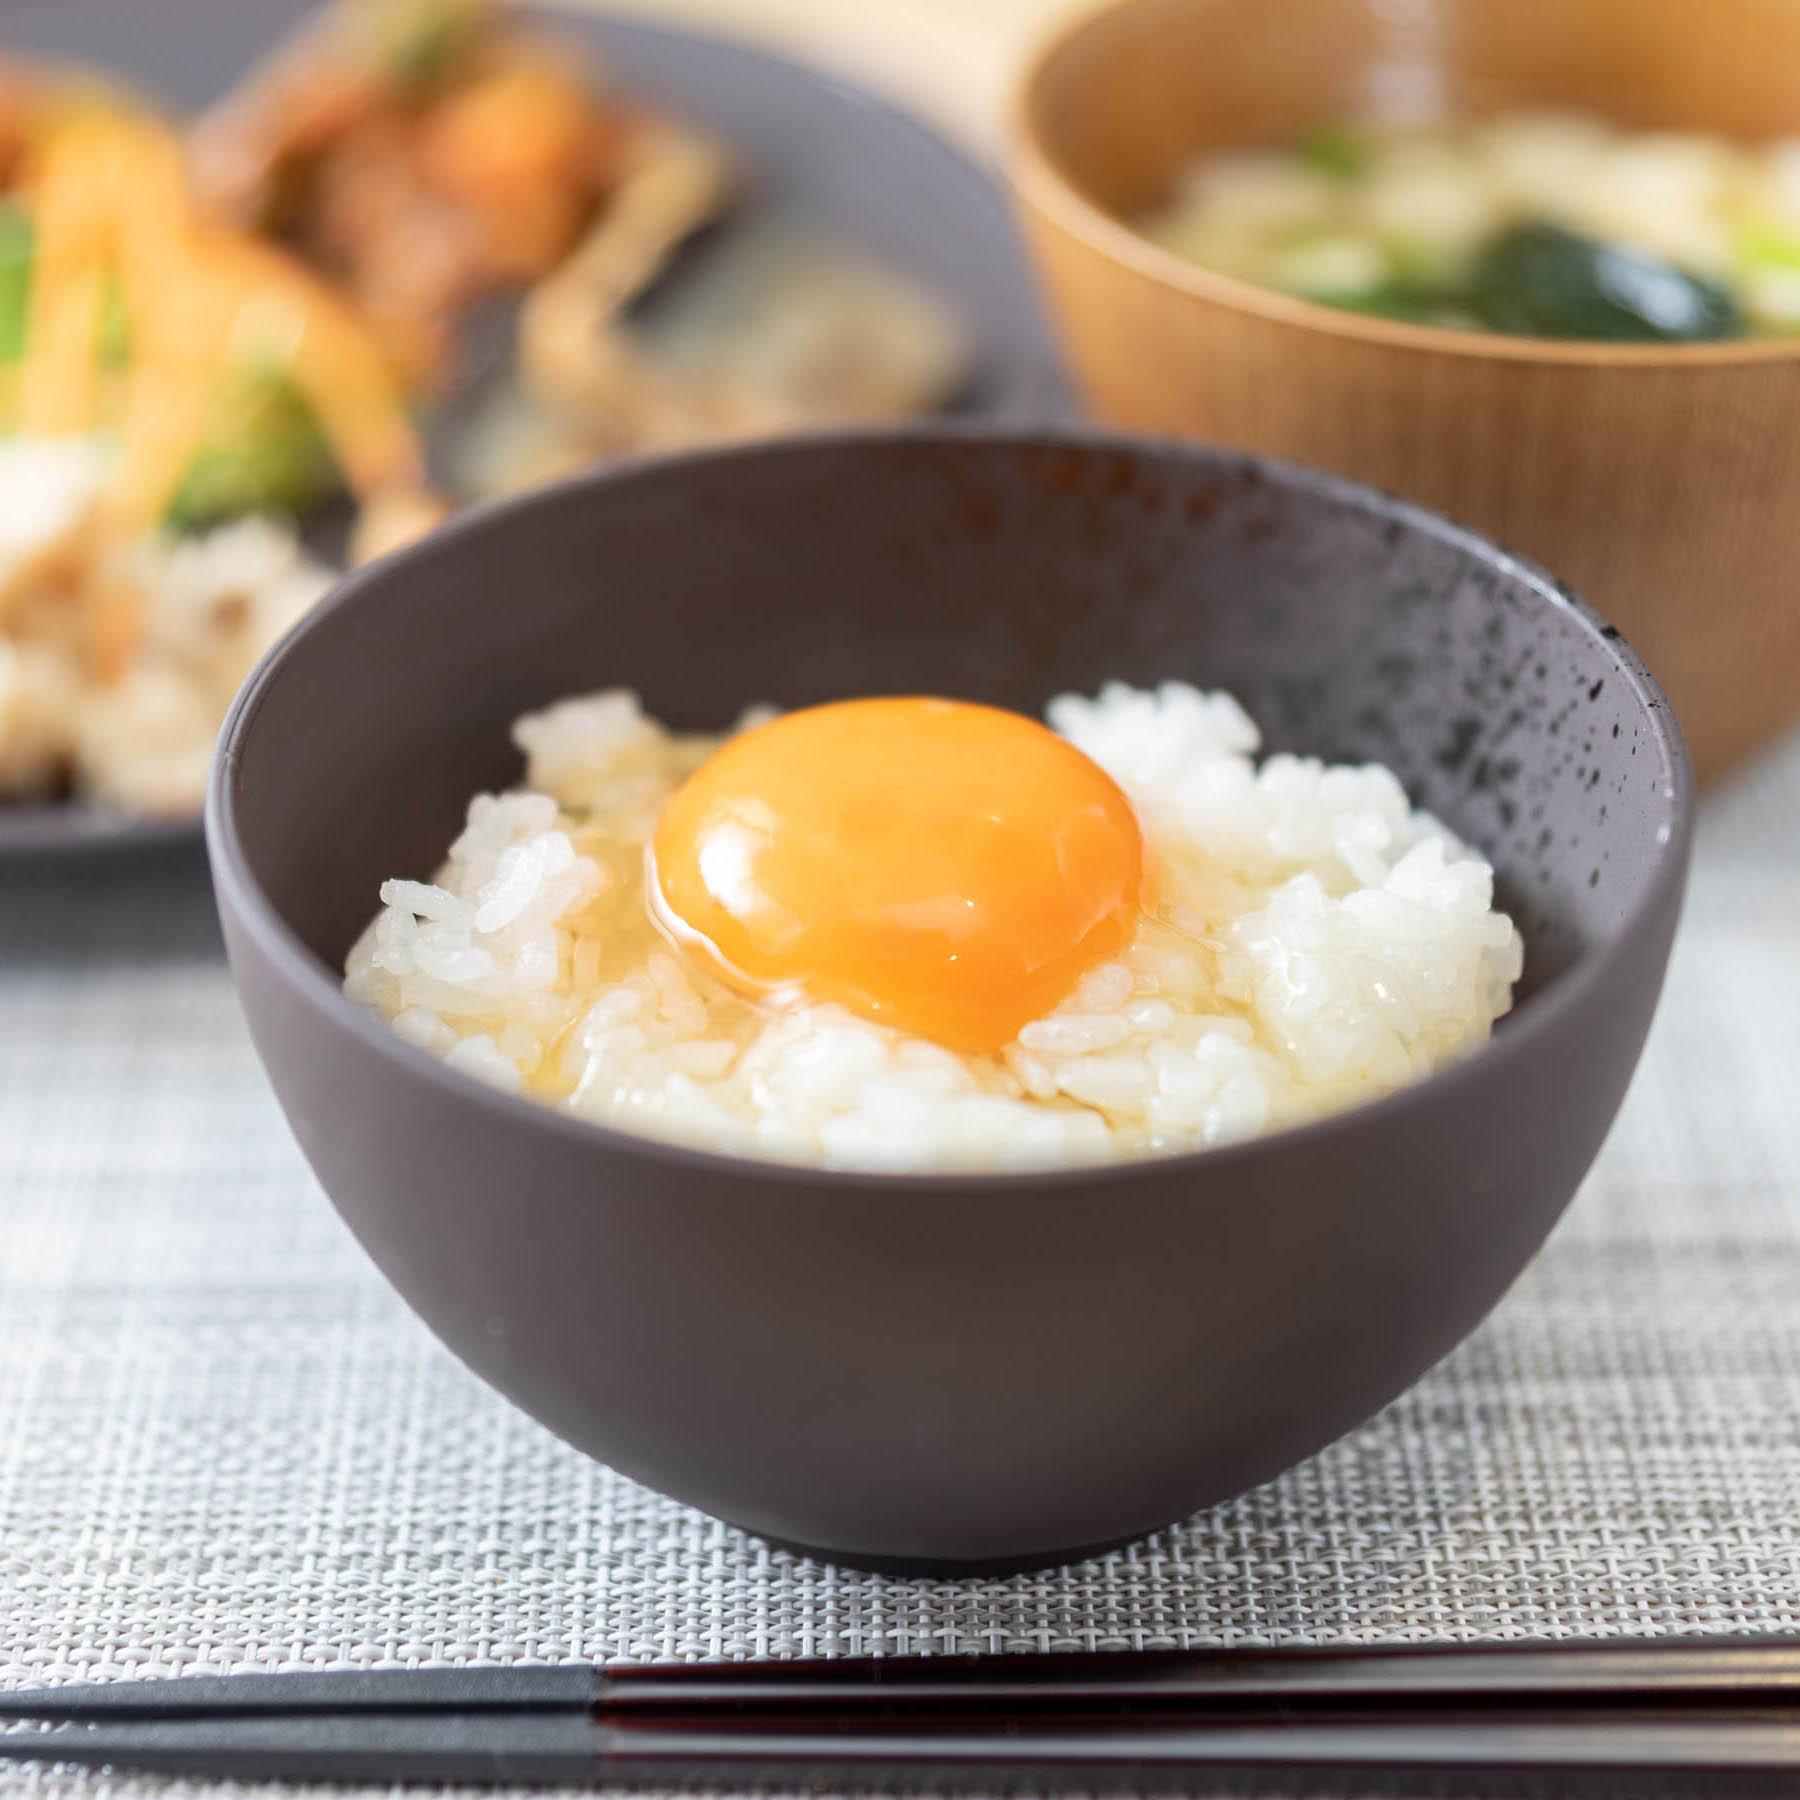 【無料】健康朝食〜焼き立てパンや和食もあるバイキング朝食〜